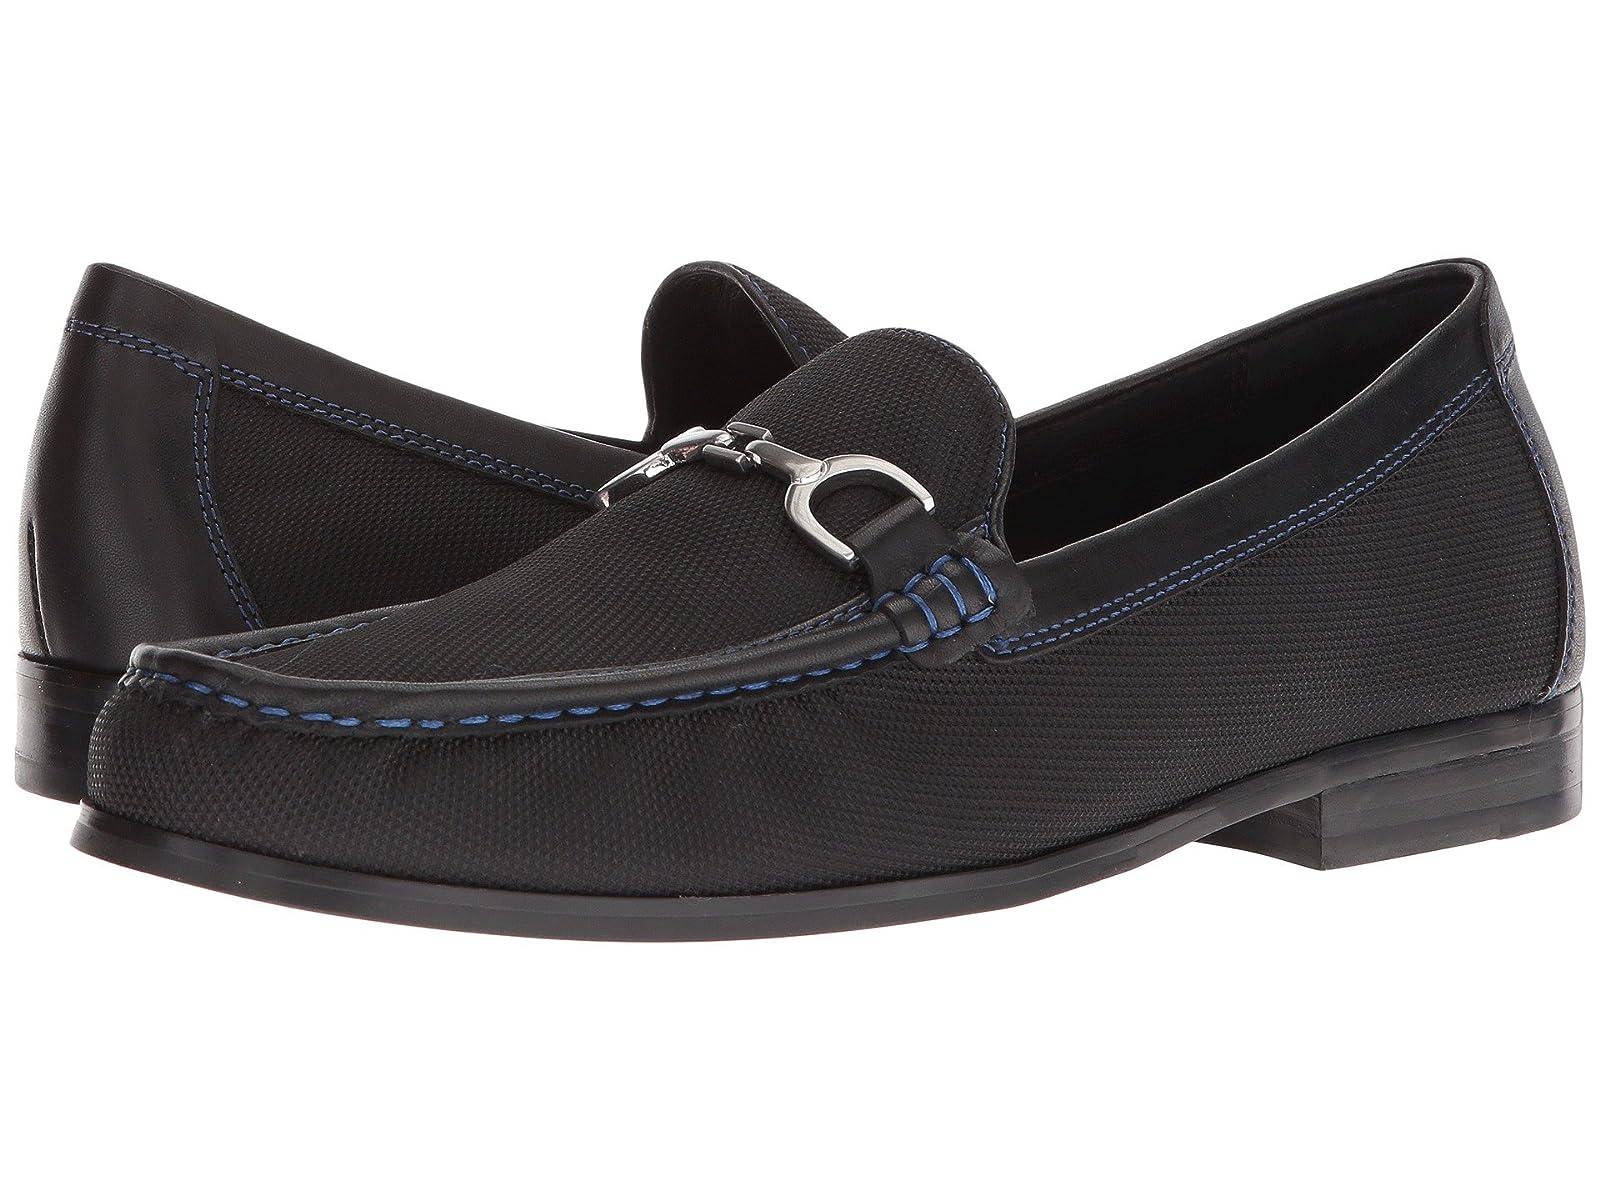 Donald J Pliner TorrenceAtmospheric grades have affordable shoes